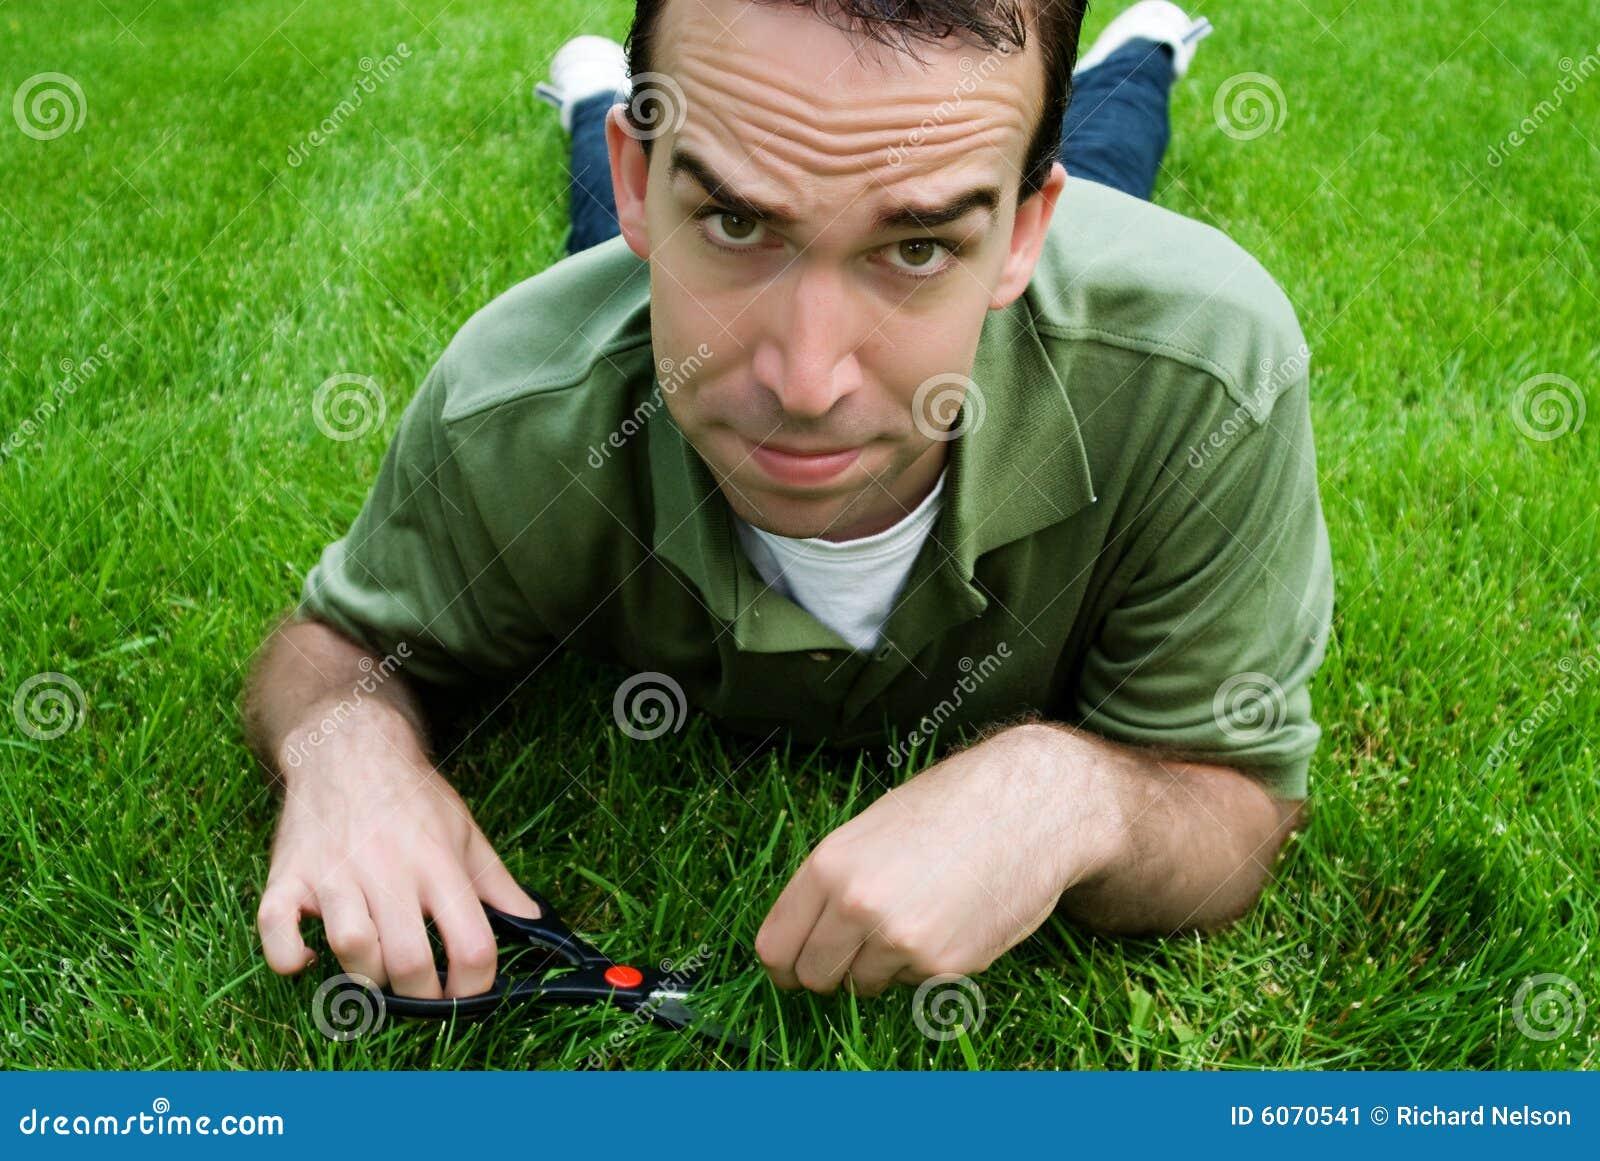 Cortar la hierba imagen de archivo imagen de clip - Cortar hierba alta ...